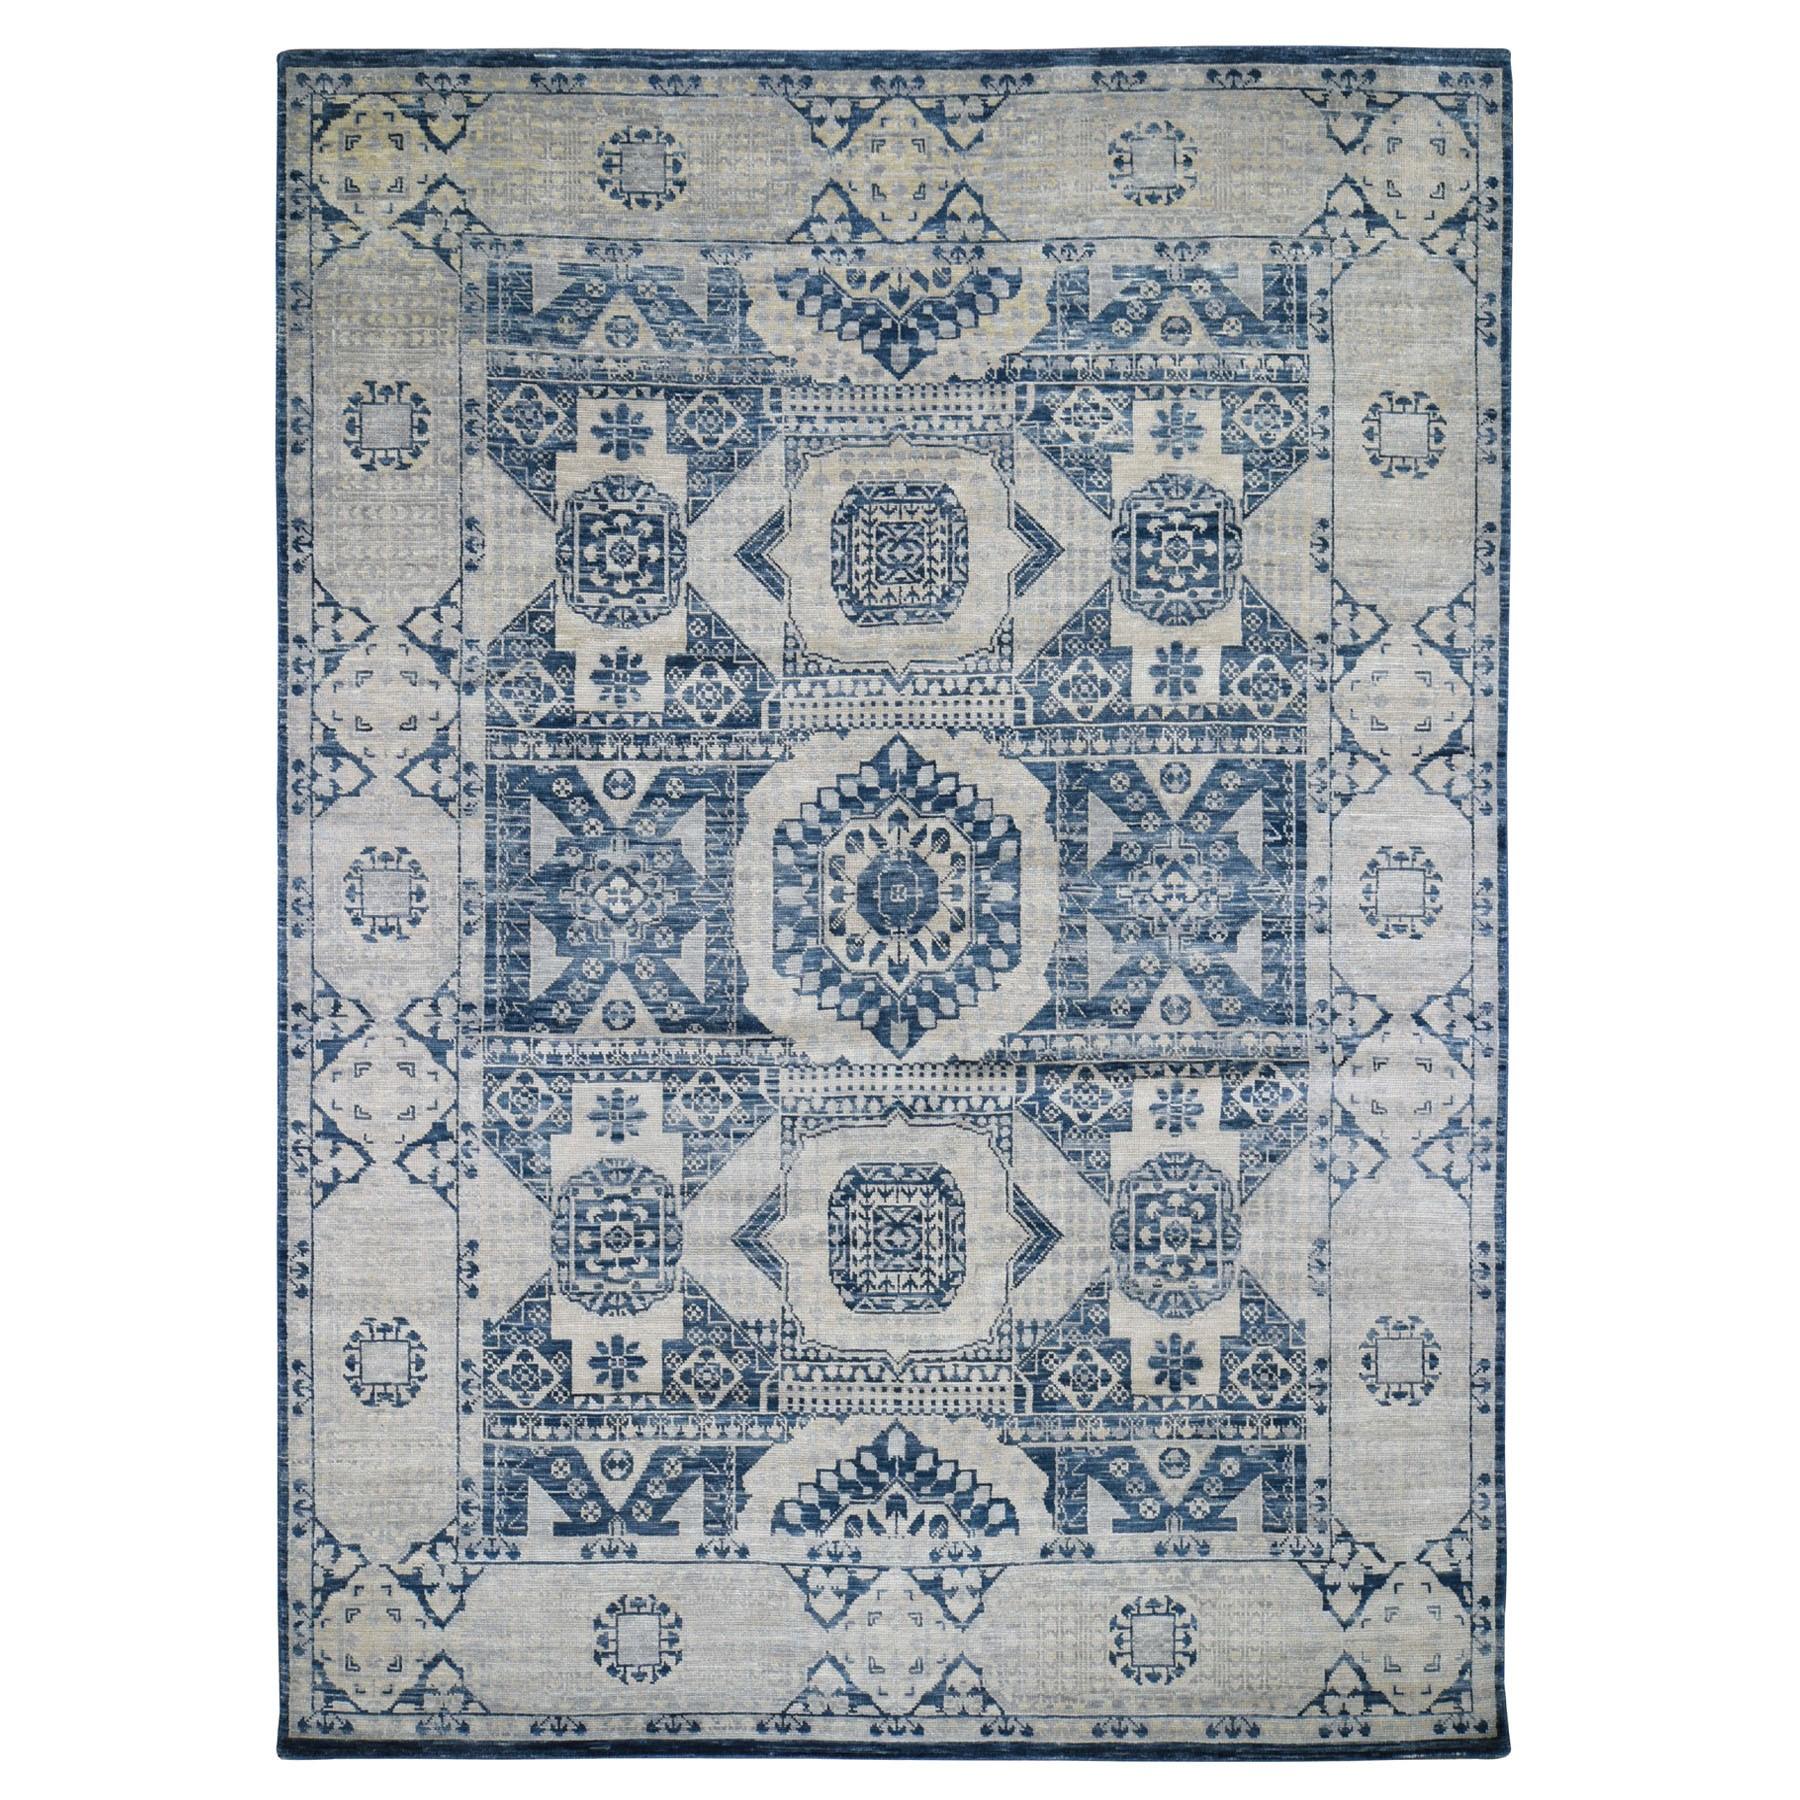 """9'1""""X12' Blue Mamluk Design Veg Dyes Hand Spun New Zealand Wool Oriental Rug moad79b6"""